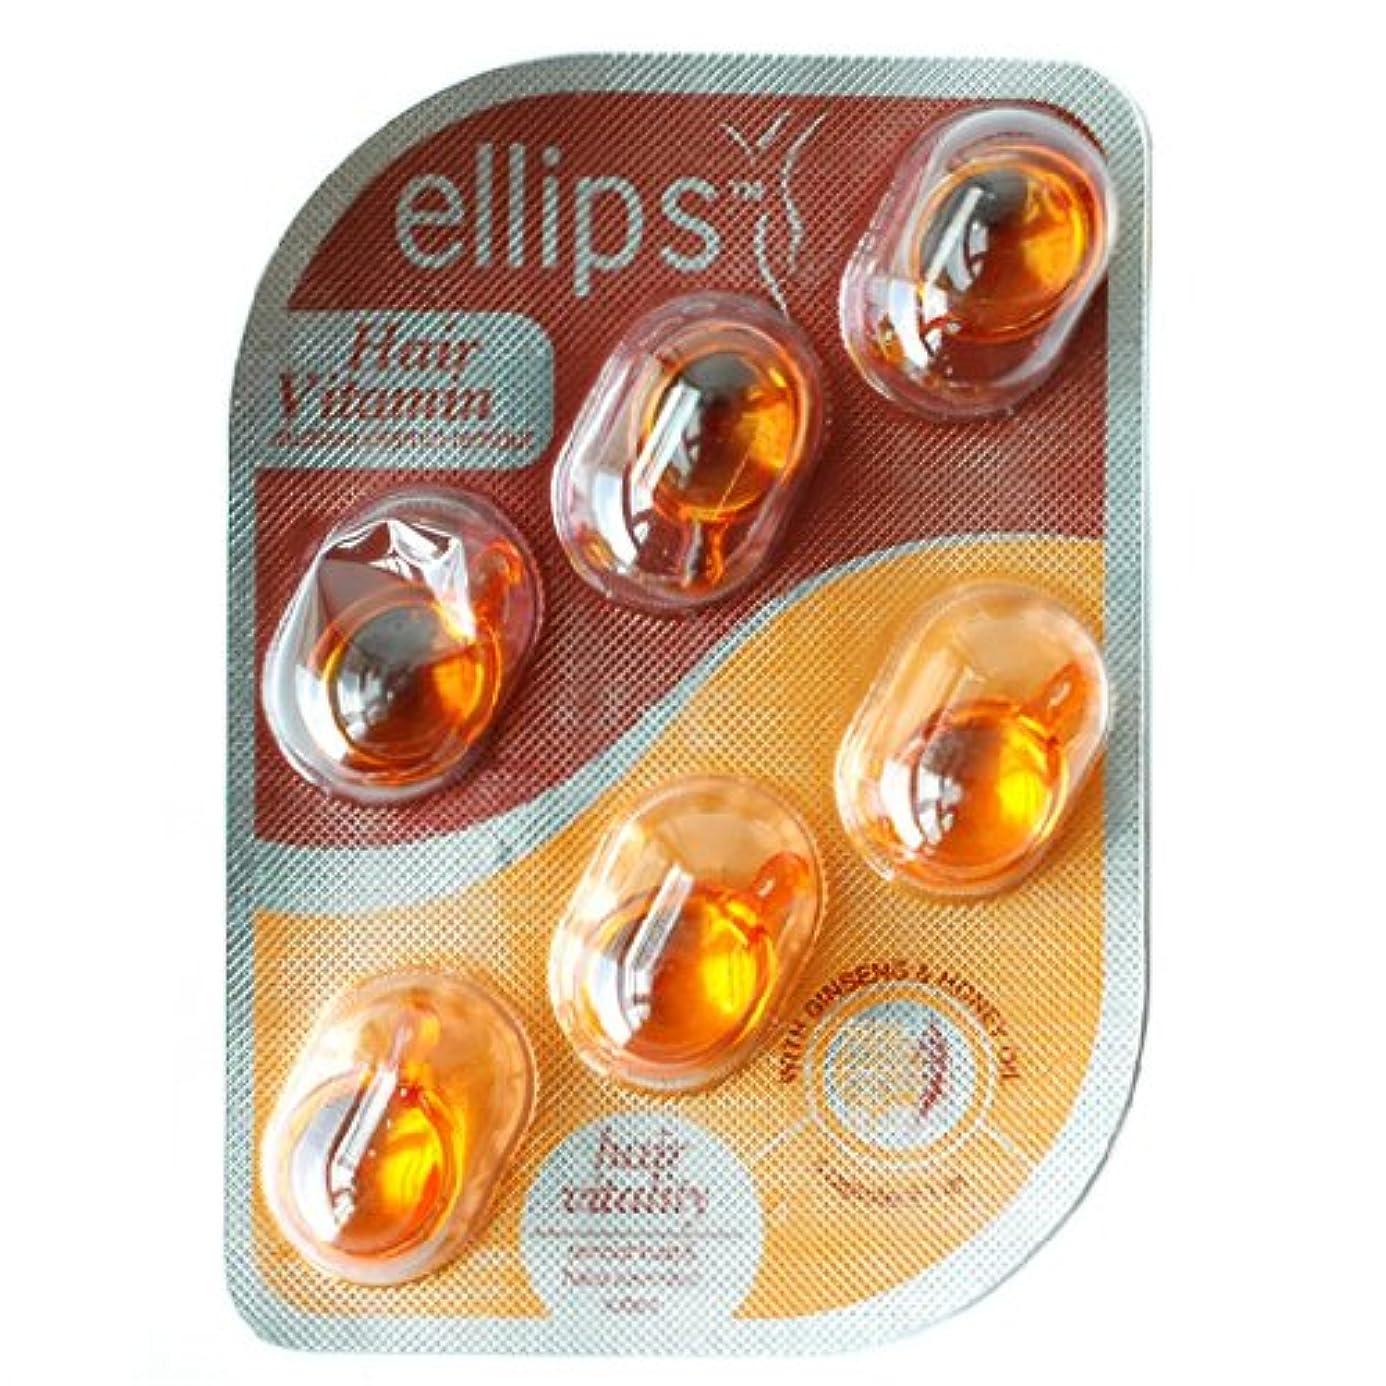 ささやき外出前任者Ellips(エリプス)ヘアビタミン(6粒入) [並行輸入品][海外直送品] ブラウン